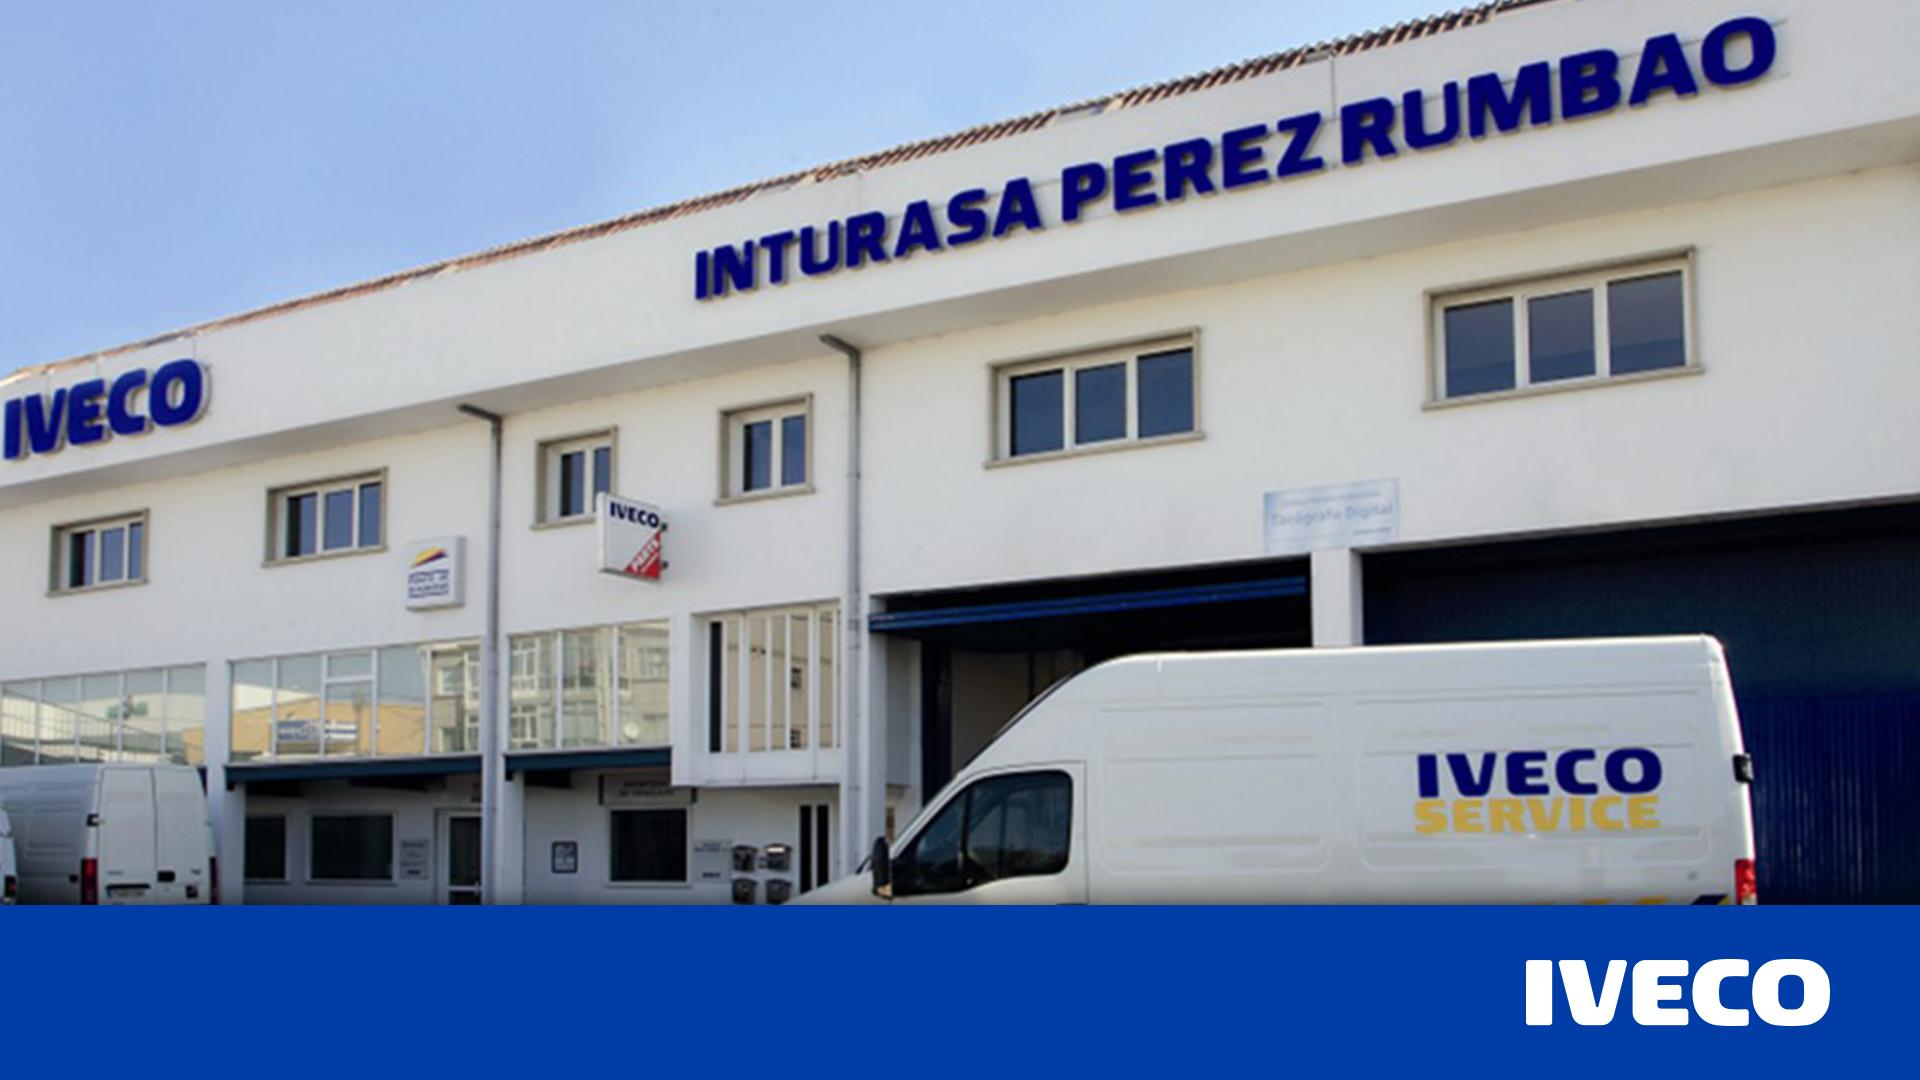 Inturasa Pontevedra